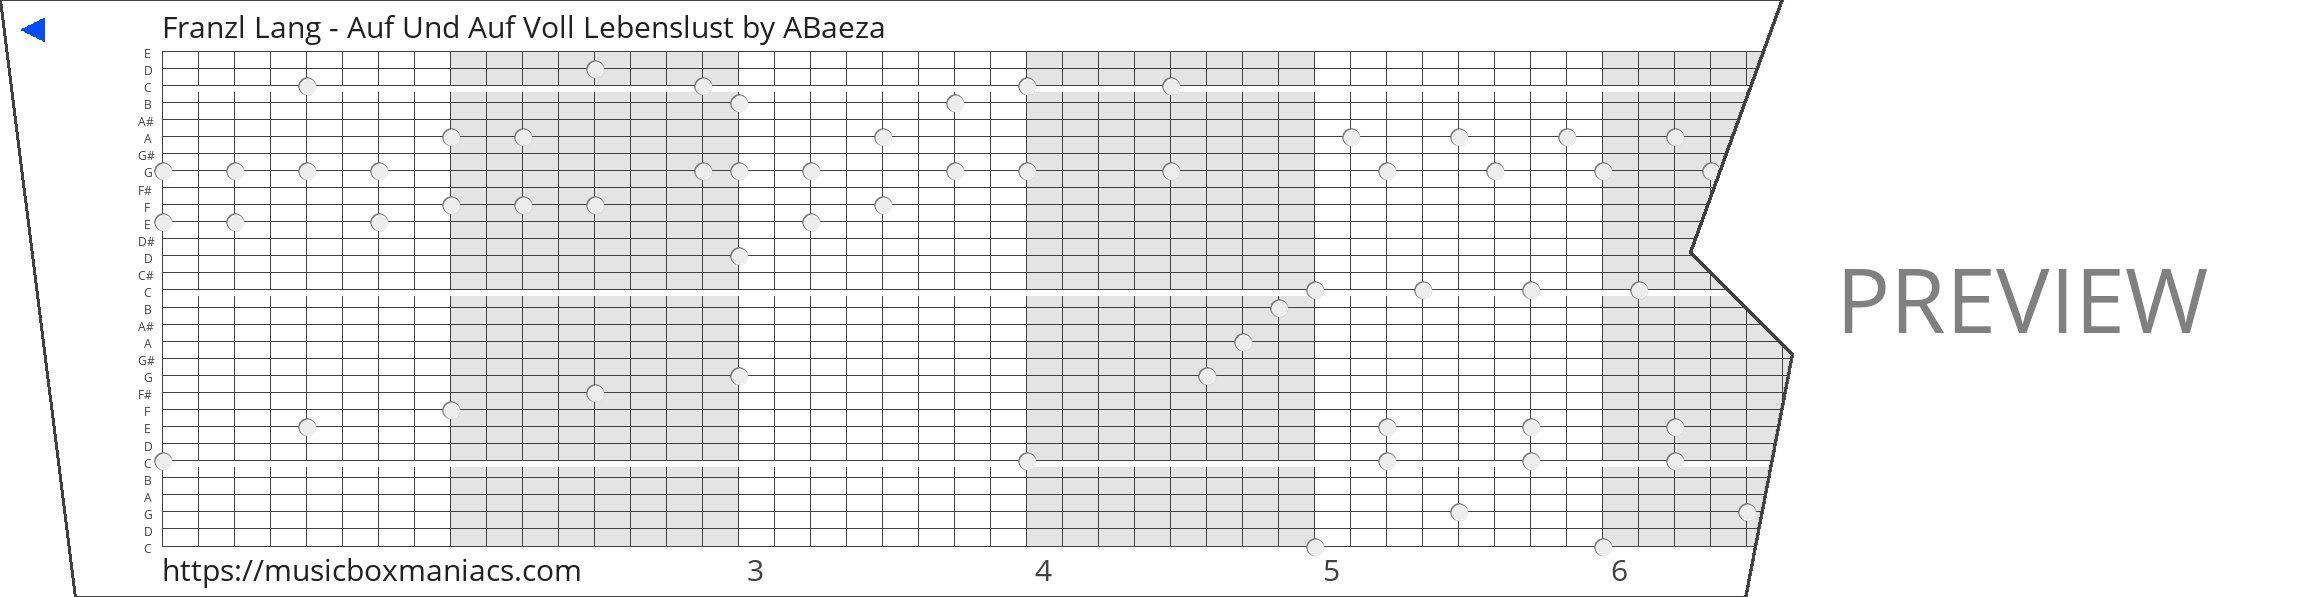 Franzl Lang - Auf Und Auf Voll Lebenslust 30 note music box paper strip